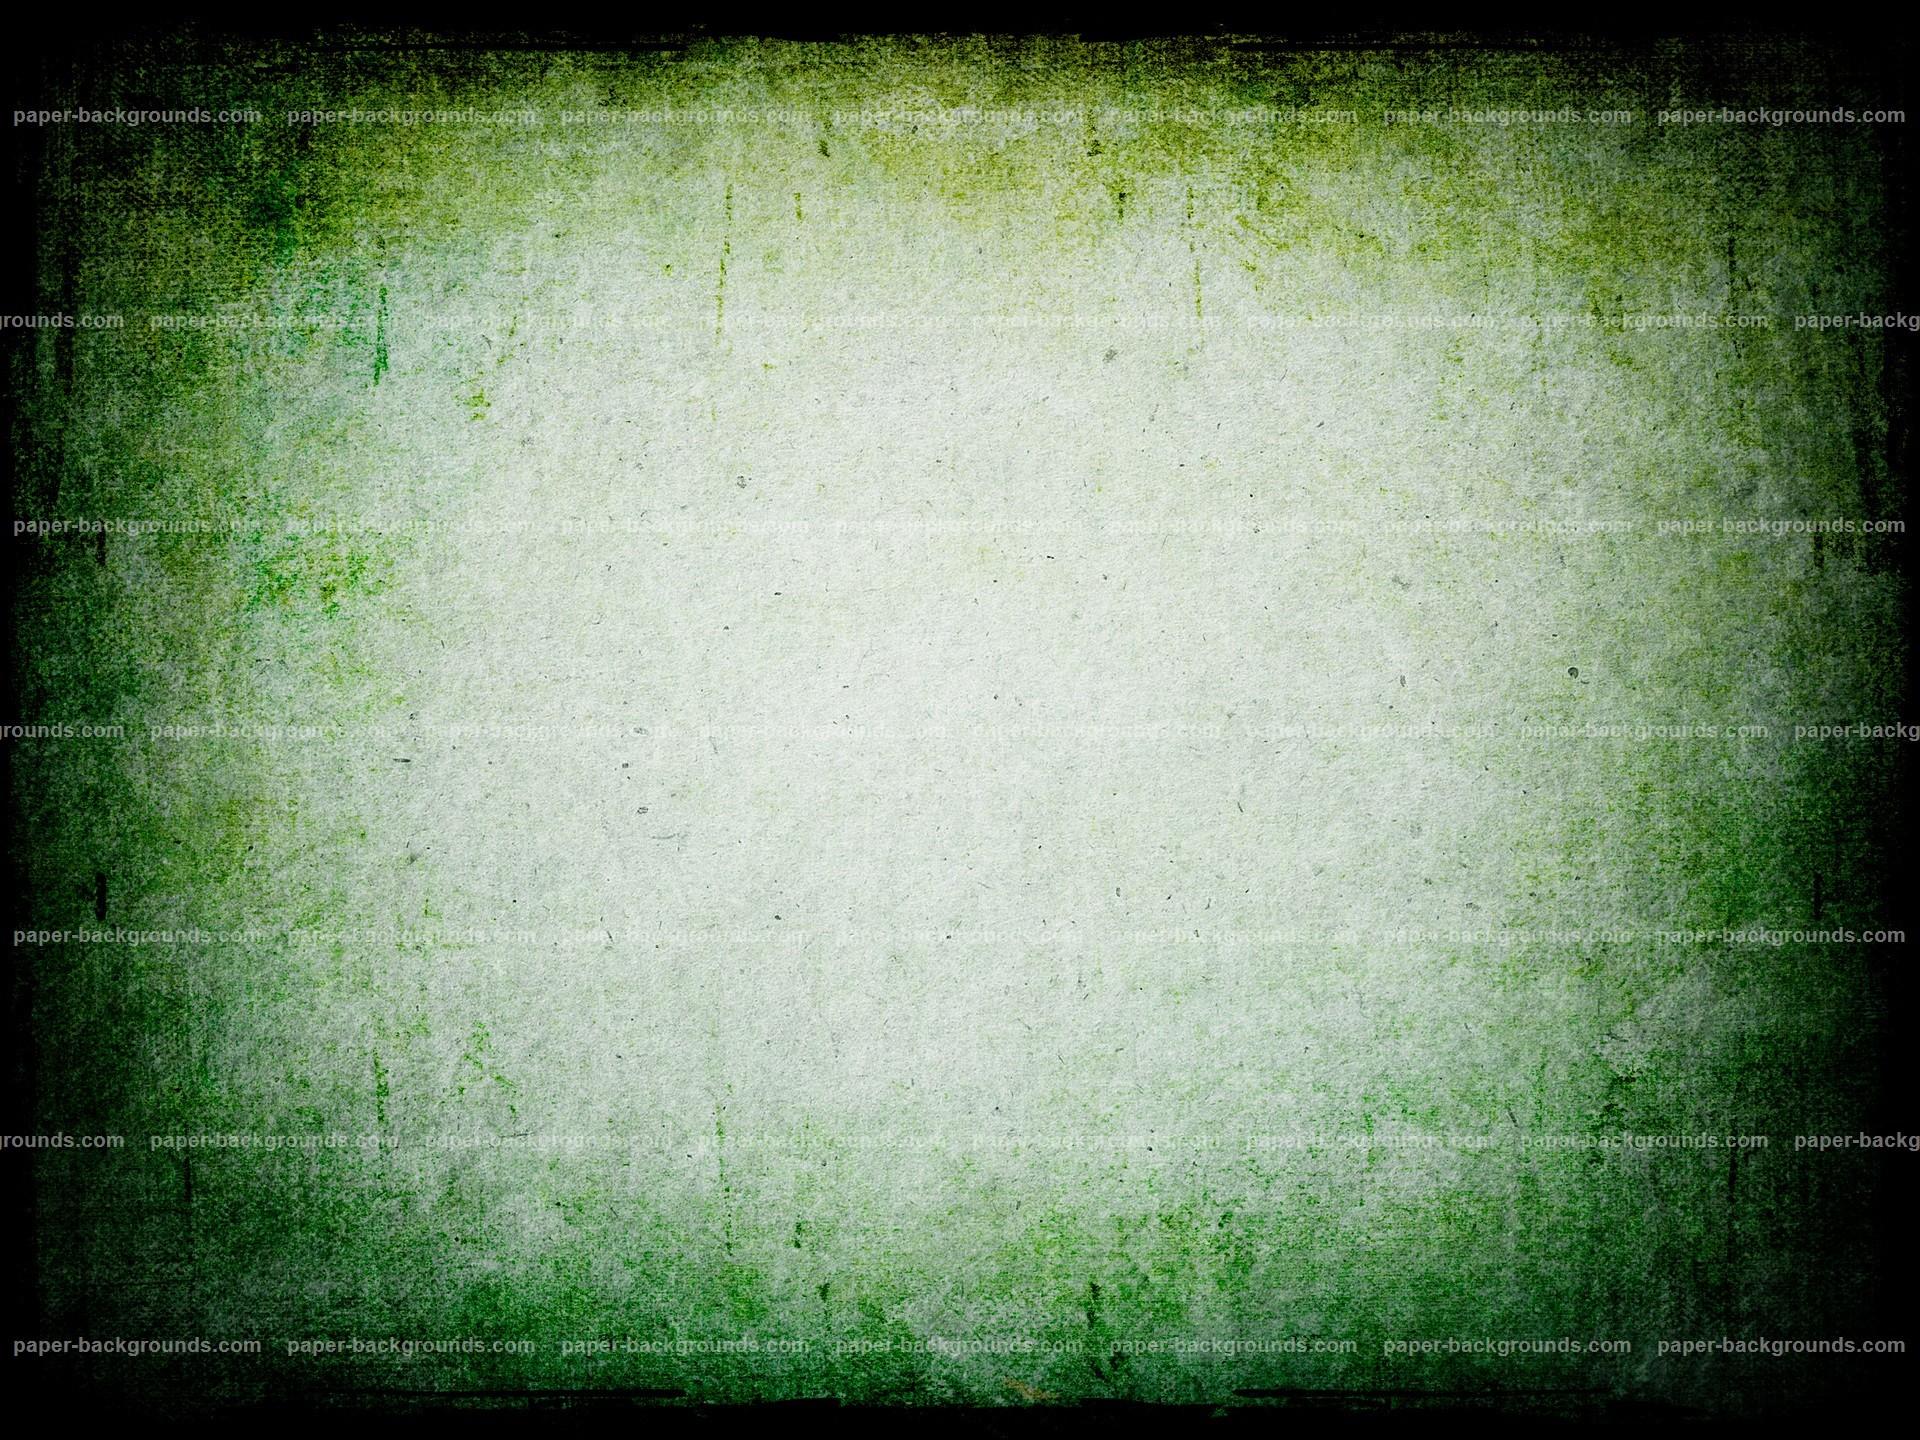 Green grunge background download free stunning high - White grunge background 1920x1080 ...